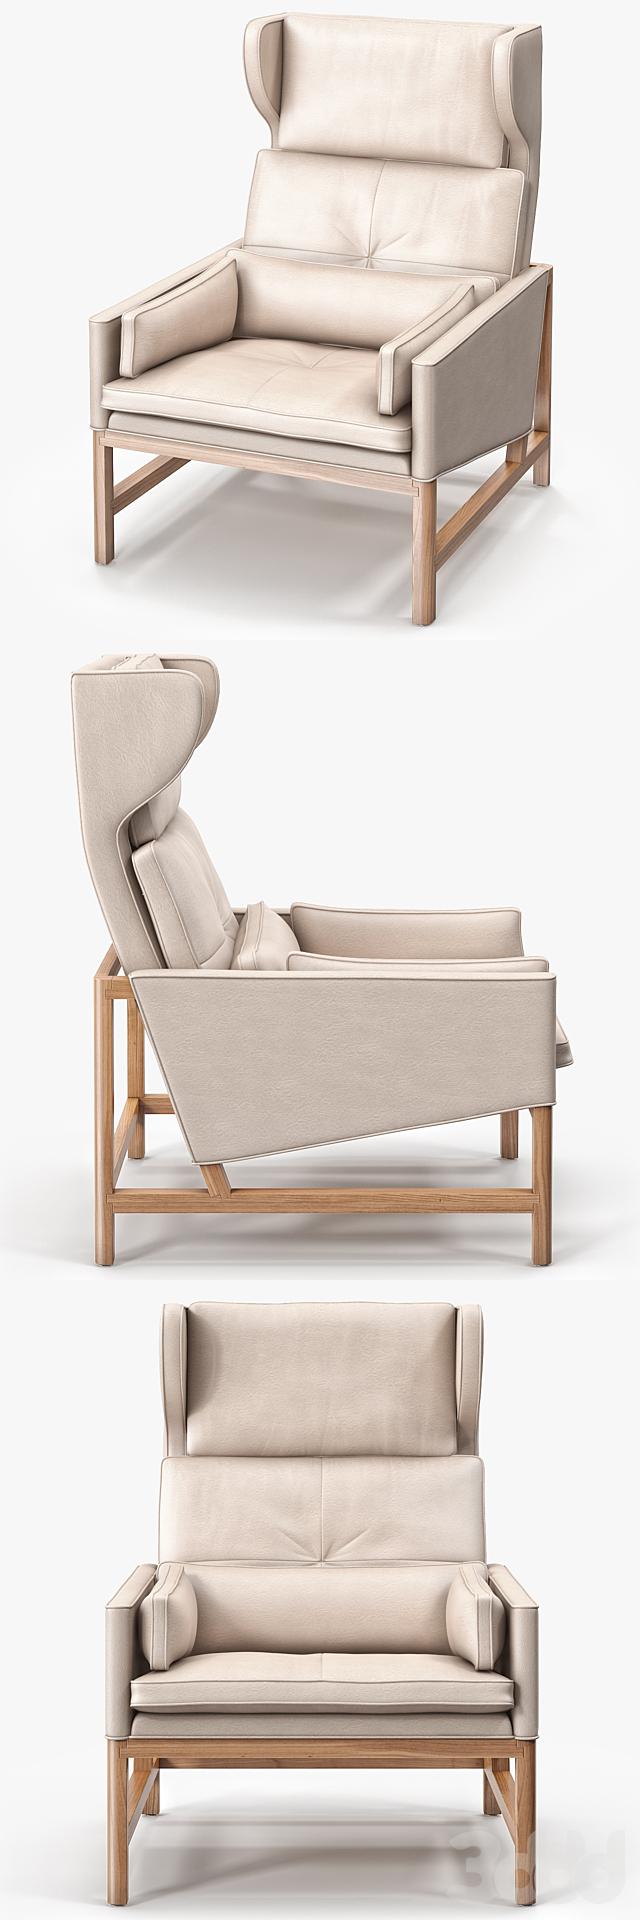 BassamFellows CB-51 Wing Back Lounge Chair